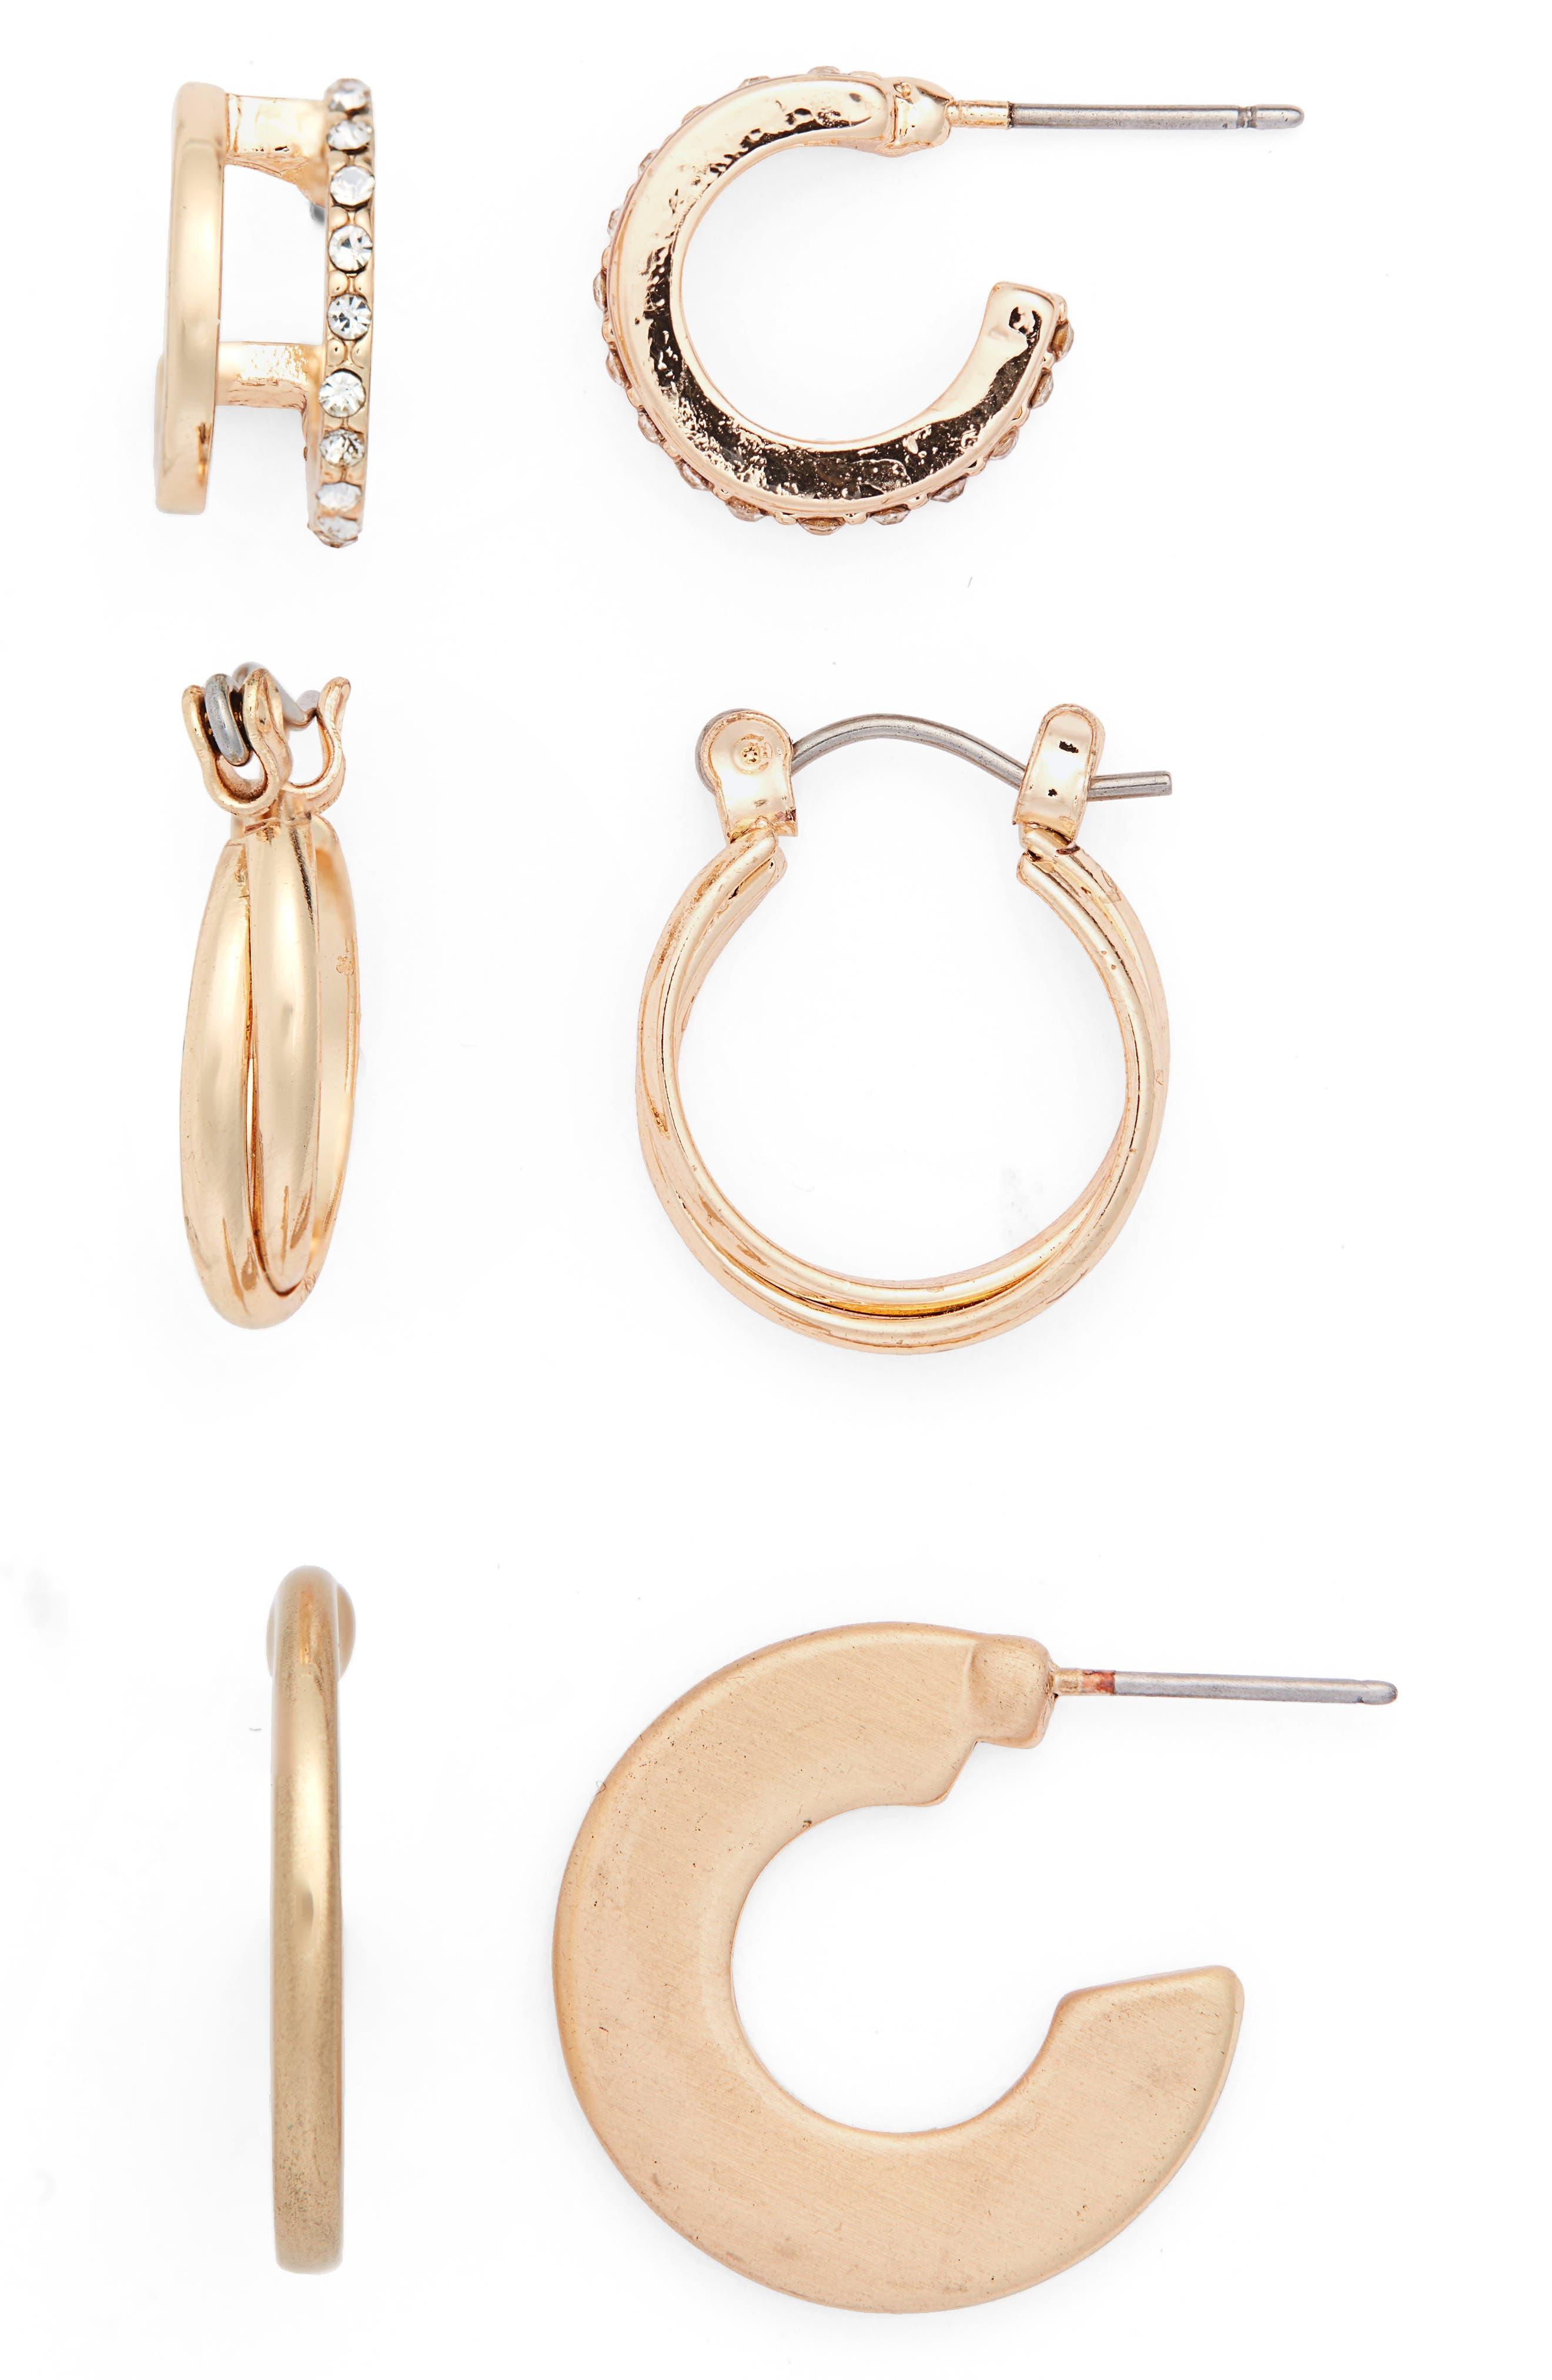 3-Pack Huggie Hoop Earrings,                             Main thumbnail 1, color,                             GOLD/ CRYSTAL